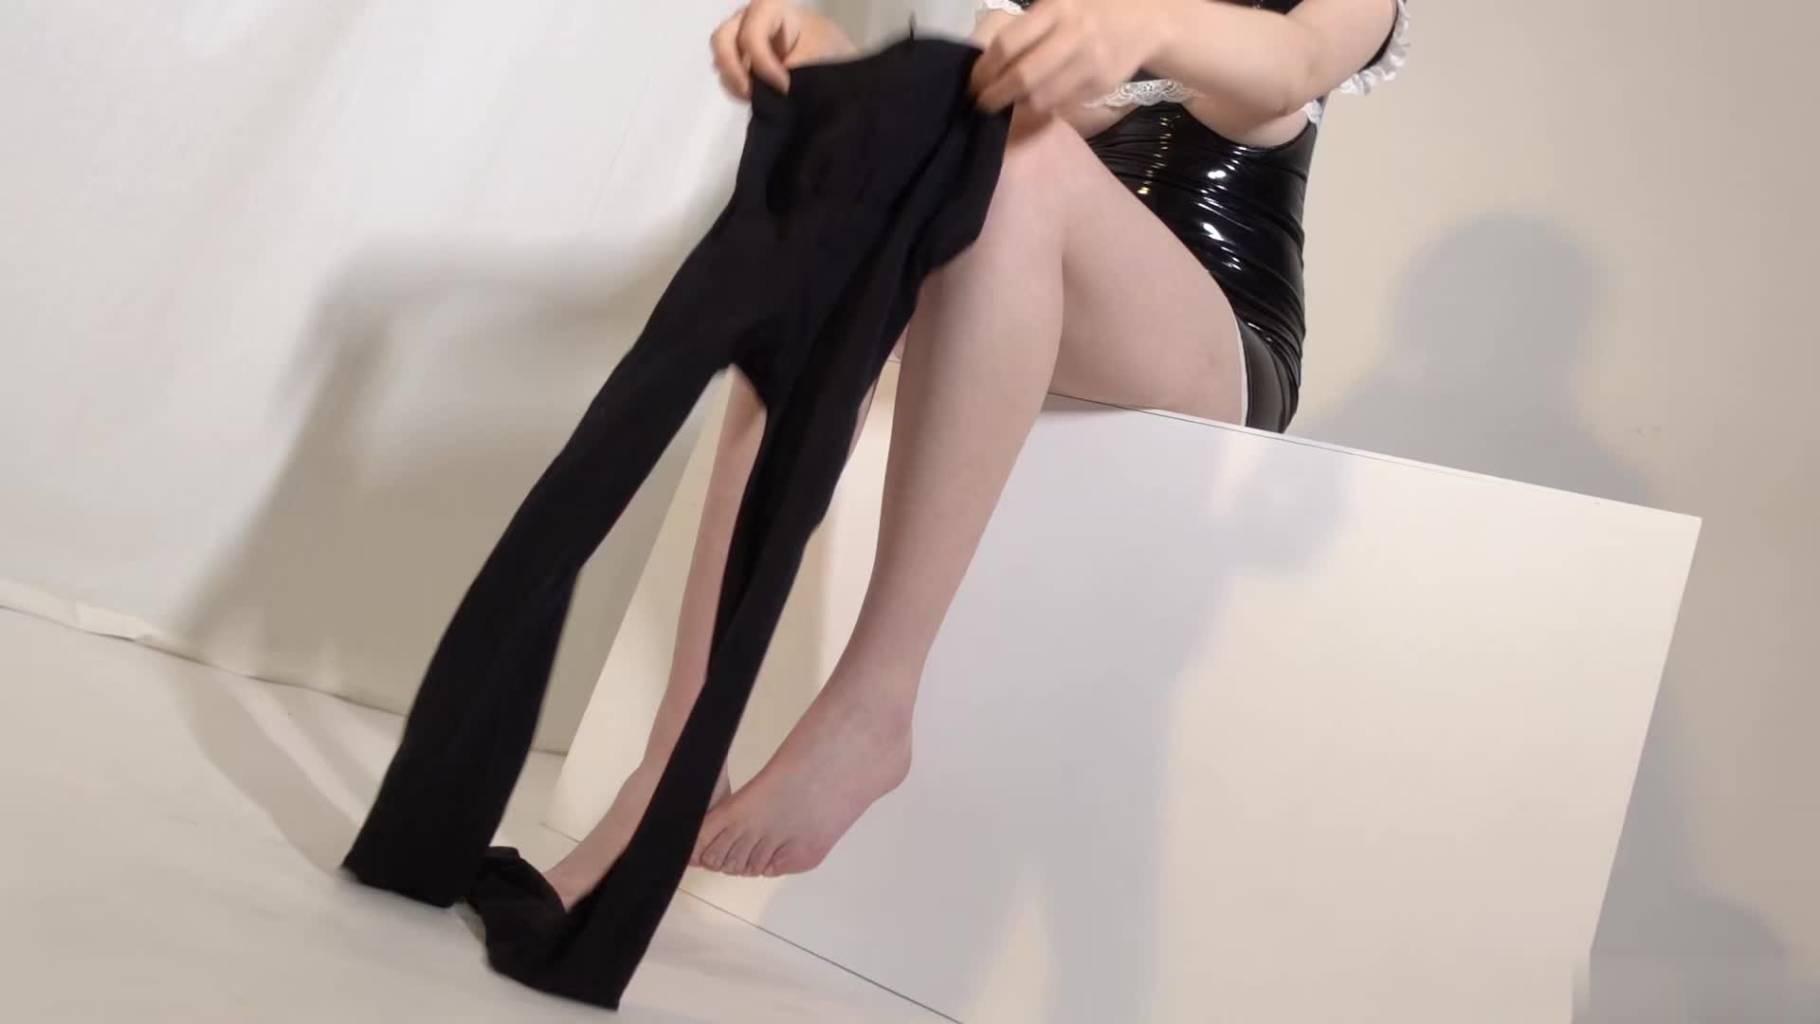 黑衣装妹子穿丝袜私拍写真